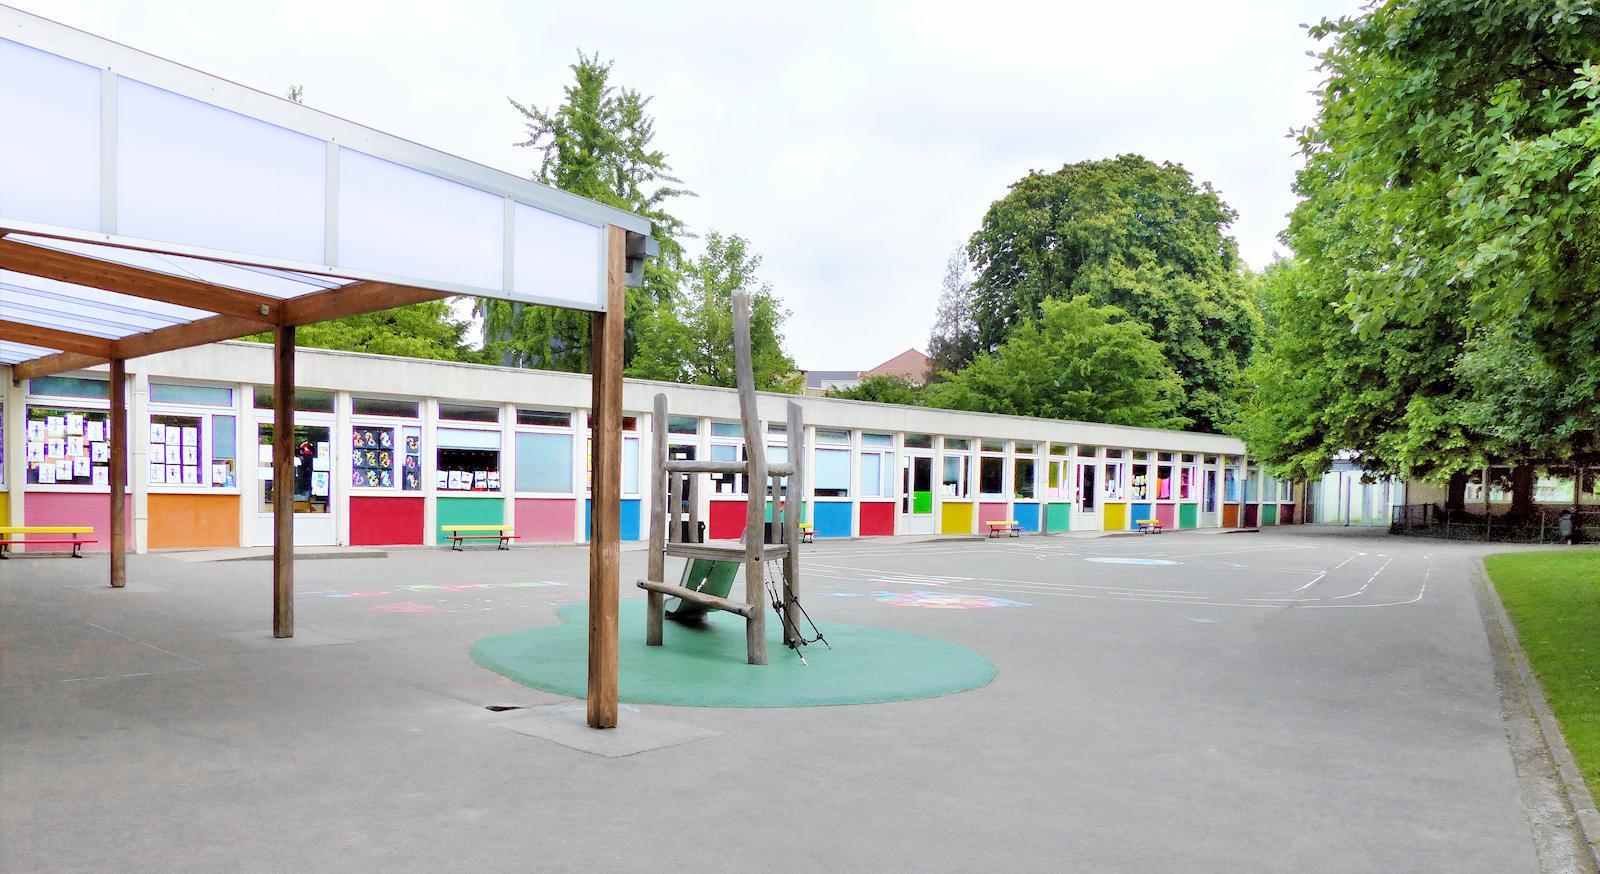 École maternelle publique Corneille, Tourcoing